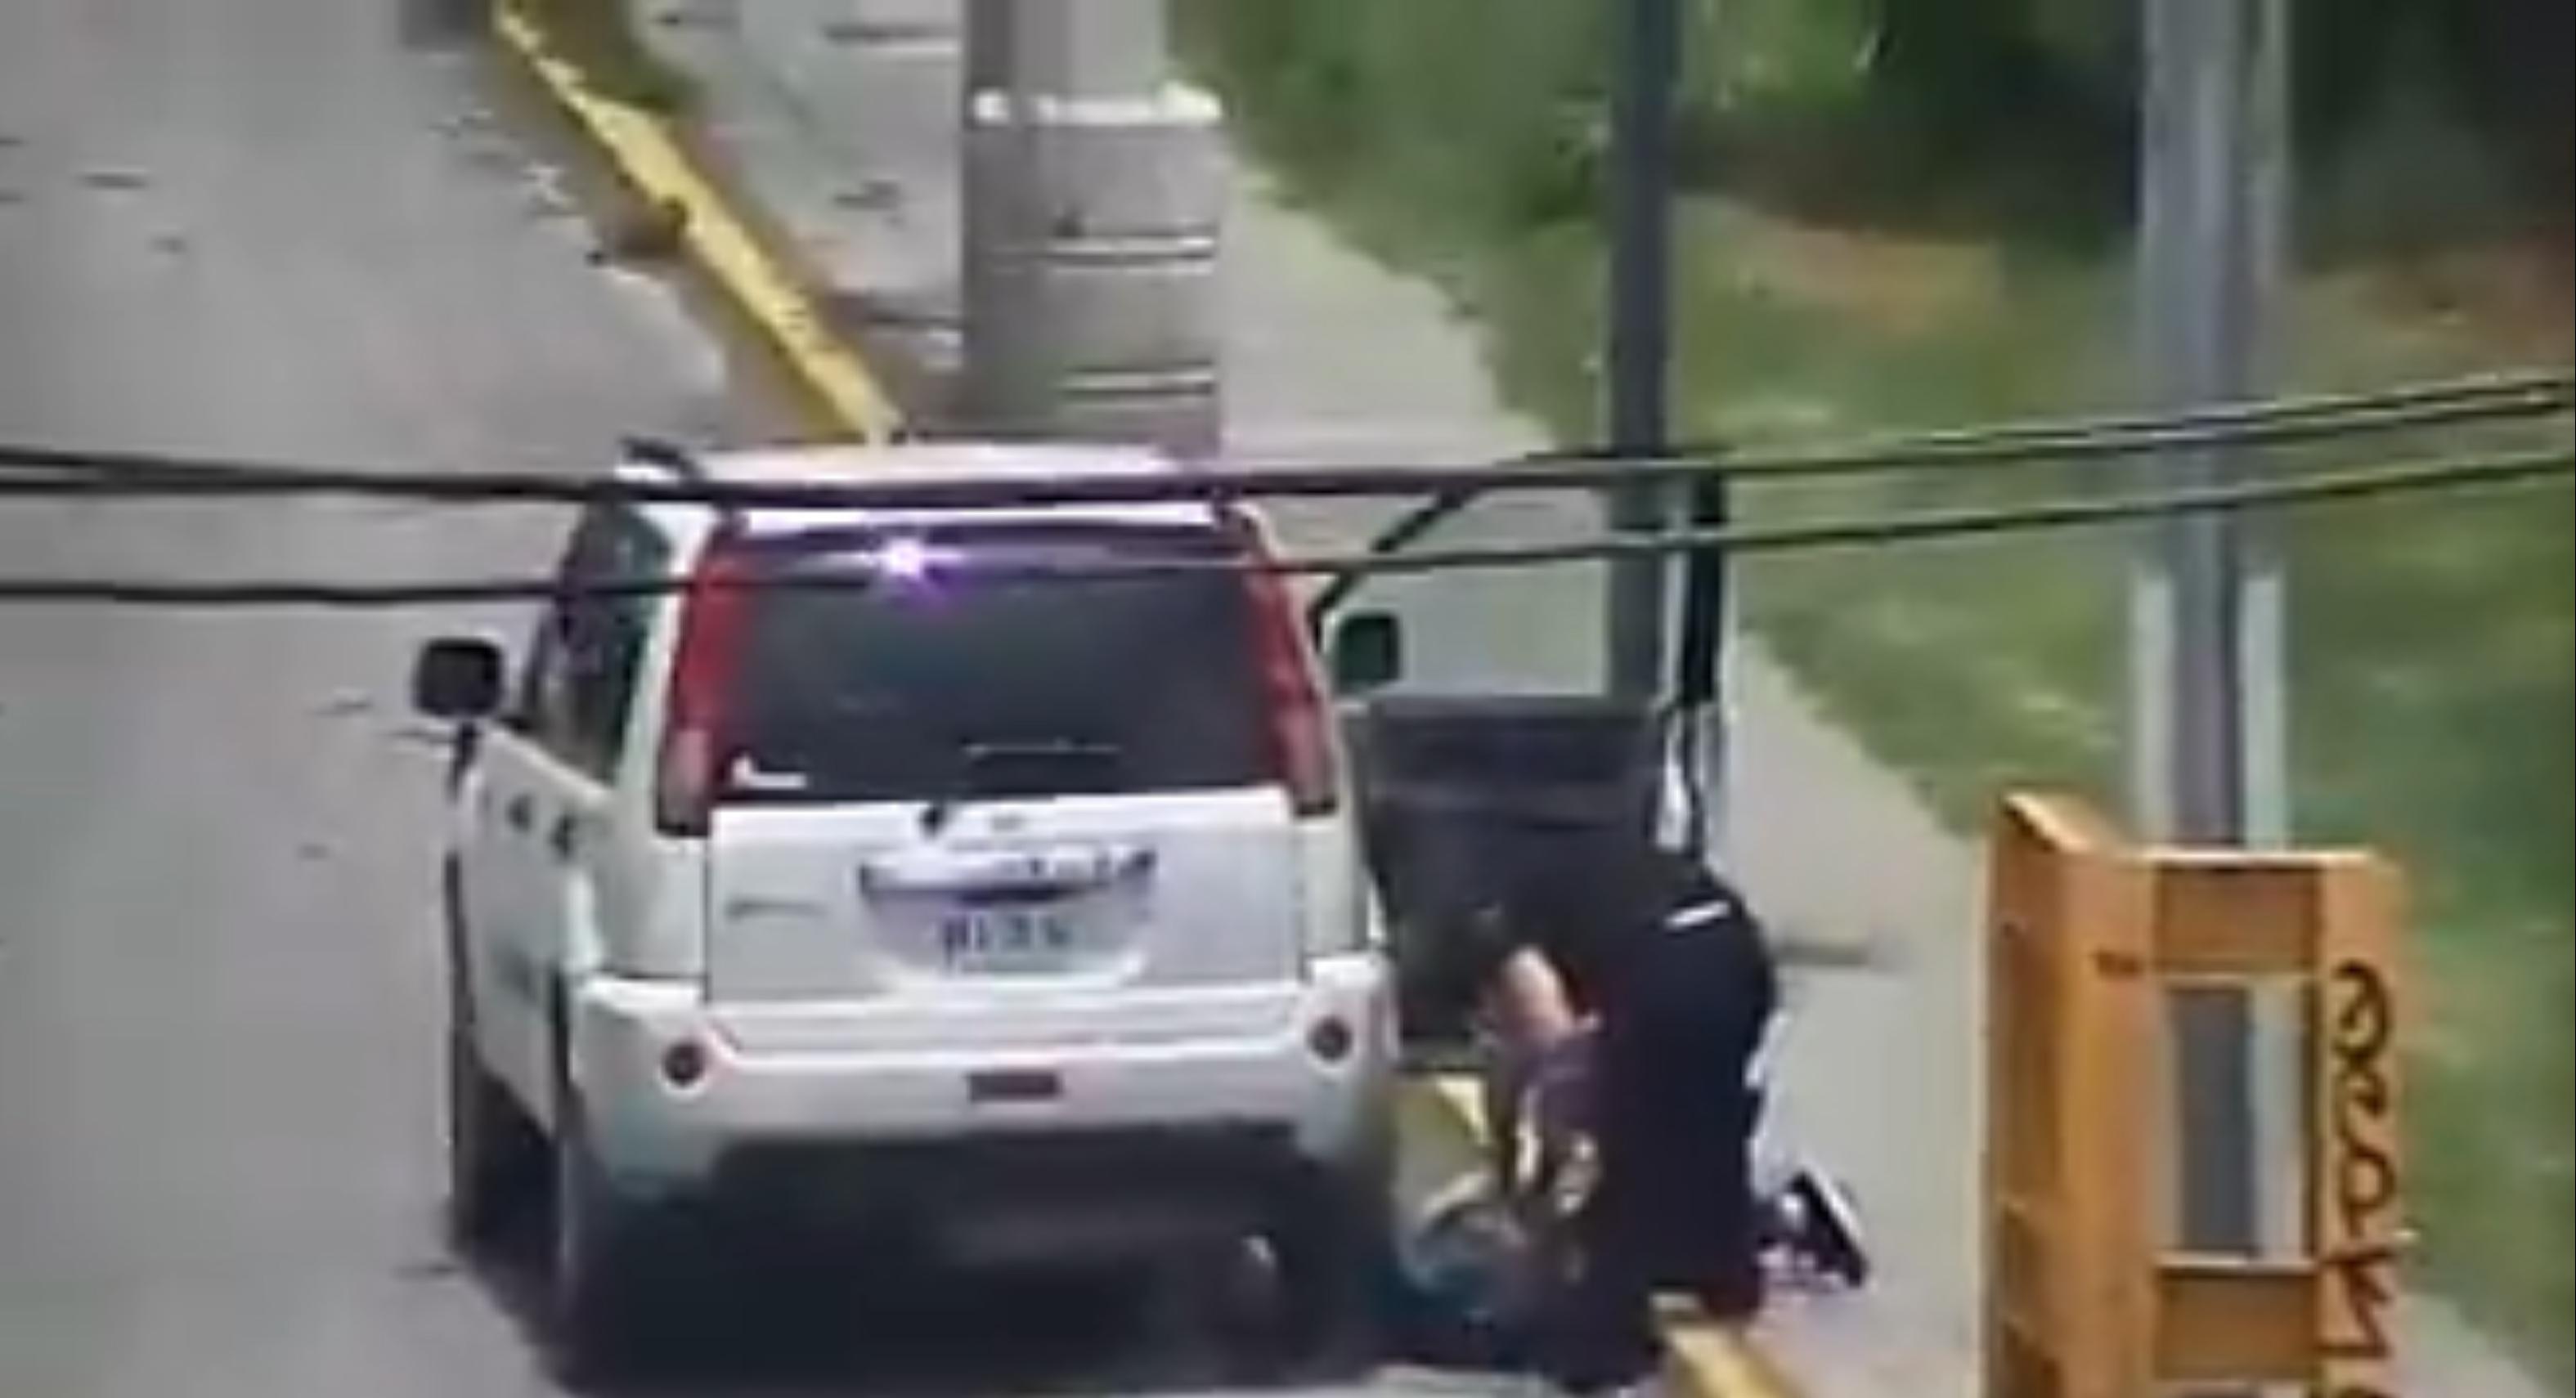 Recibe atención médica persona inconsciente en vía publica de Toluca